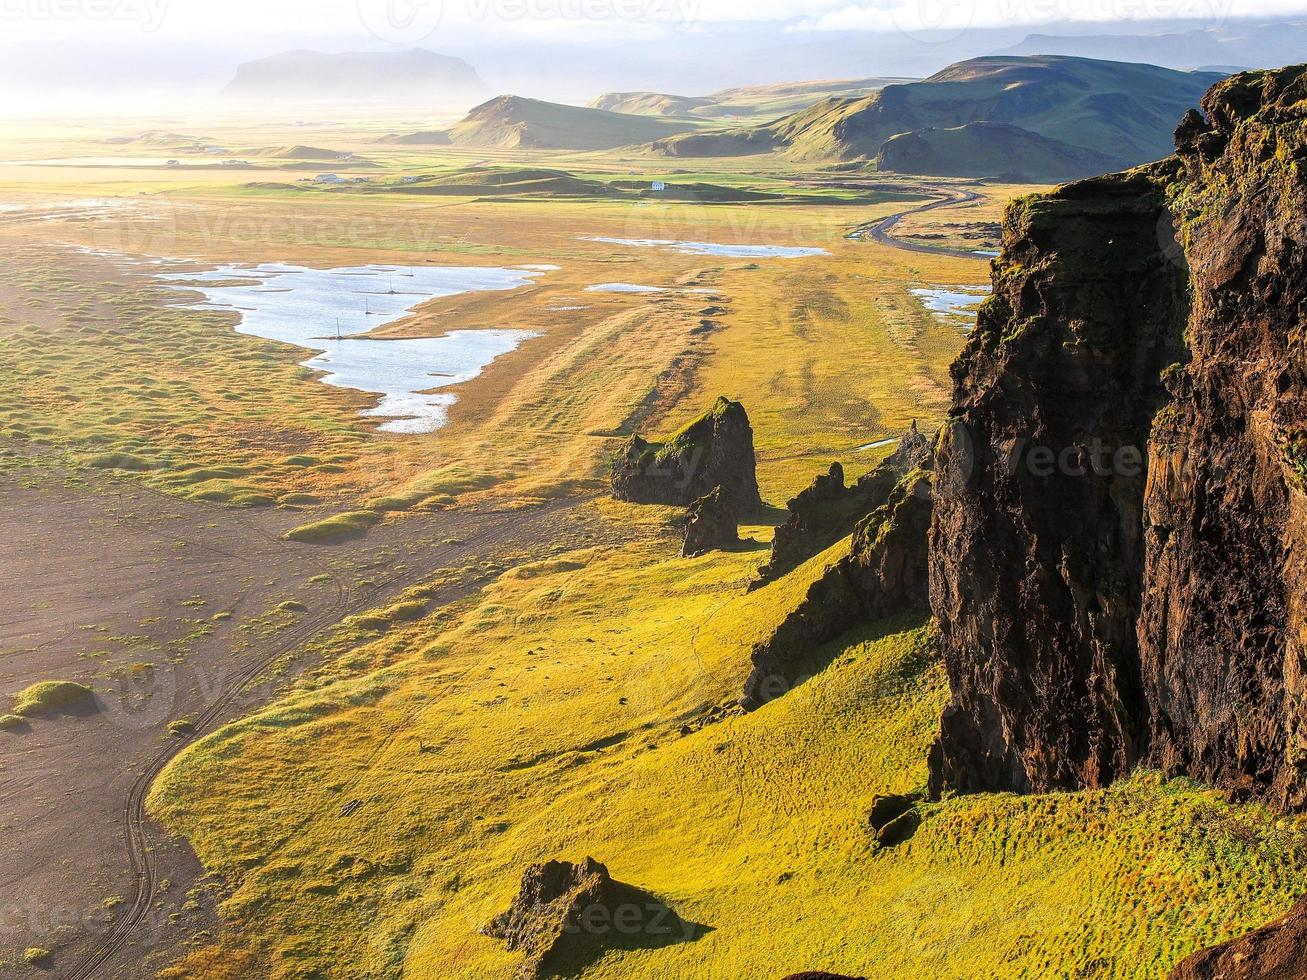 kustlijn van IJsland tijdens zonsondergang. dyrholey, IJsland foto